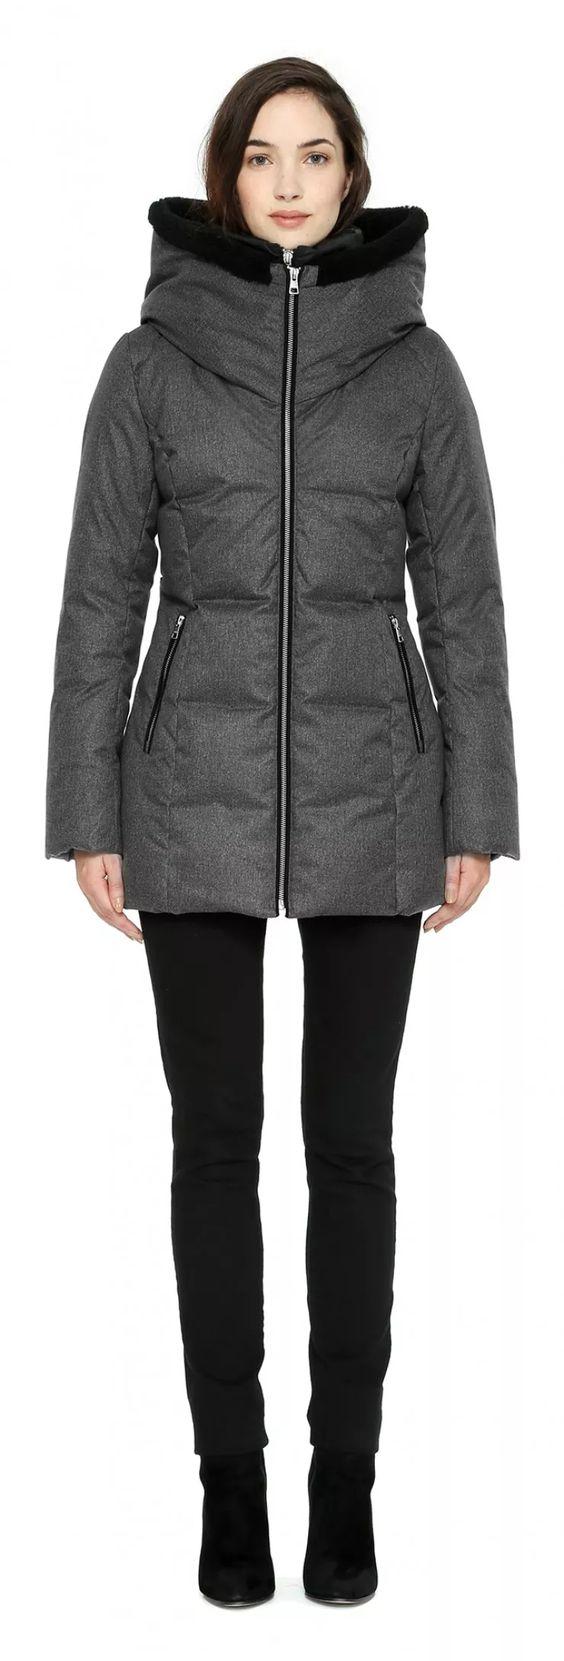 PEARLIE Car coat length brushed down coat in Ash | верхняя одежда